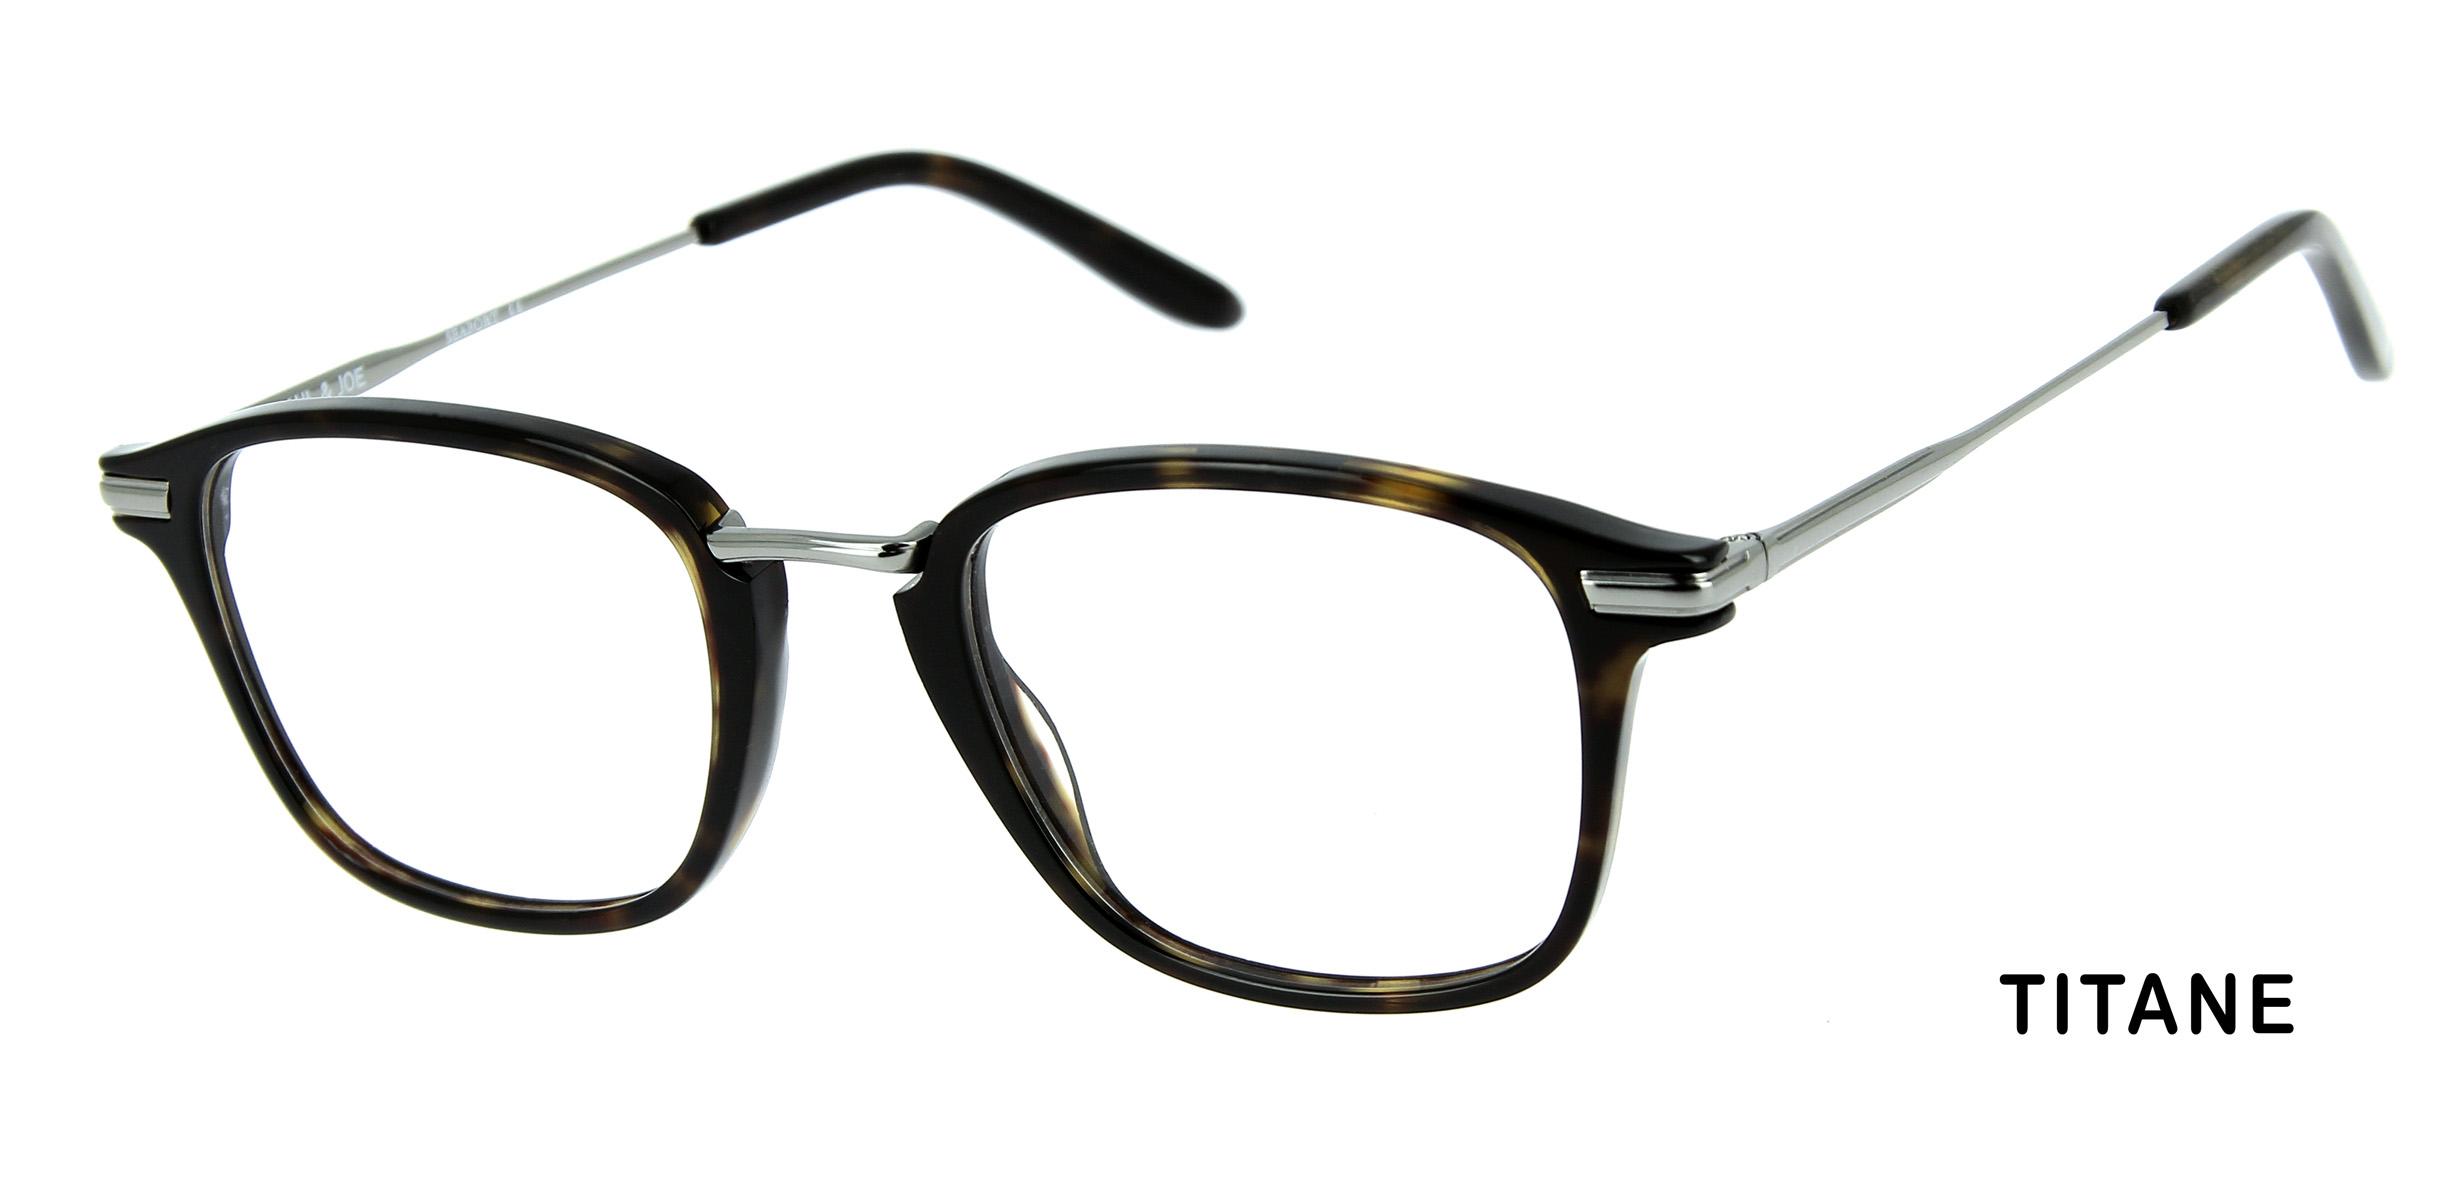 ef6047b635d3c Lunette homme vue de la marque PAUL   JOE   KAAL32 KAAL32   Toutes les  lunettes vue homme